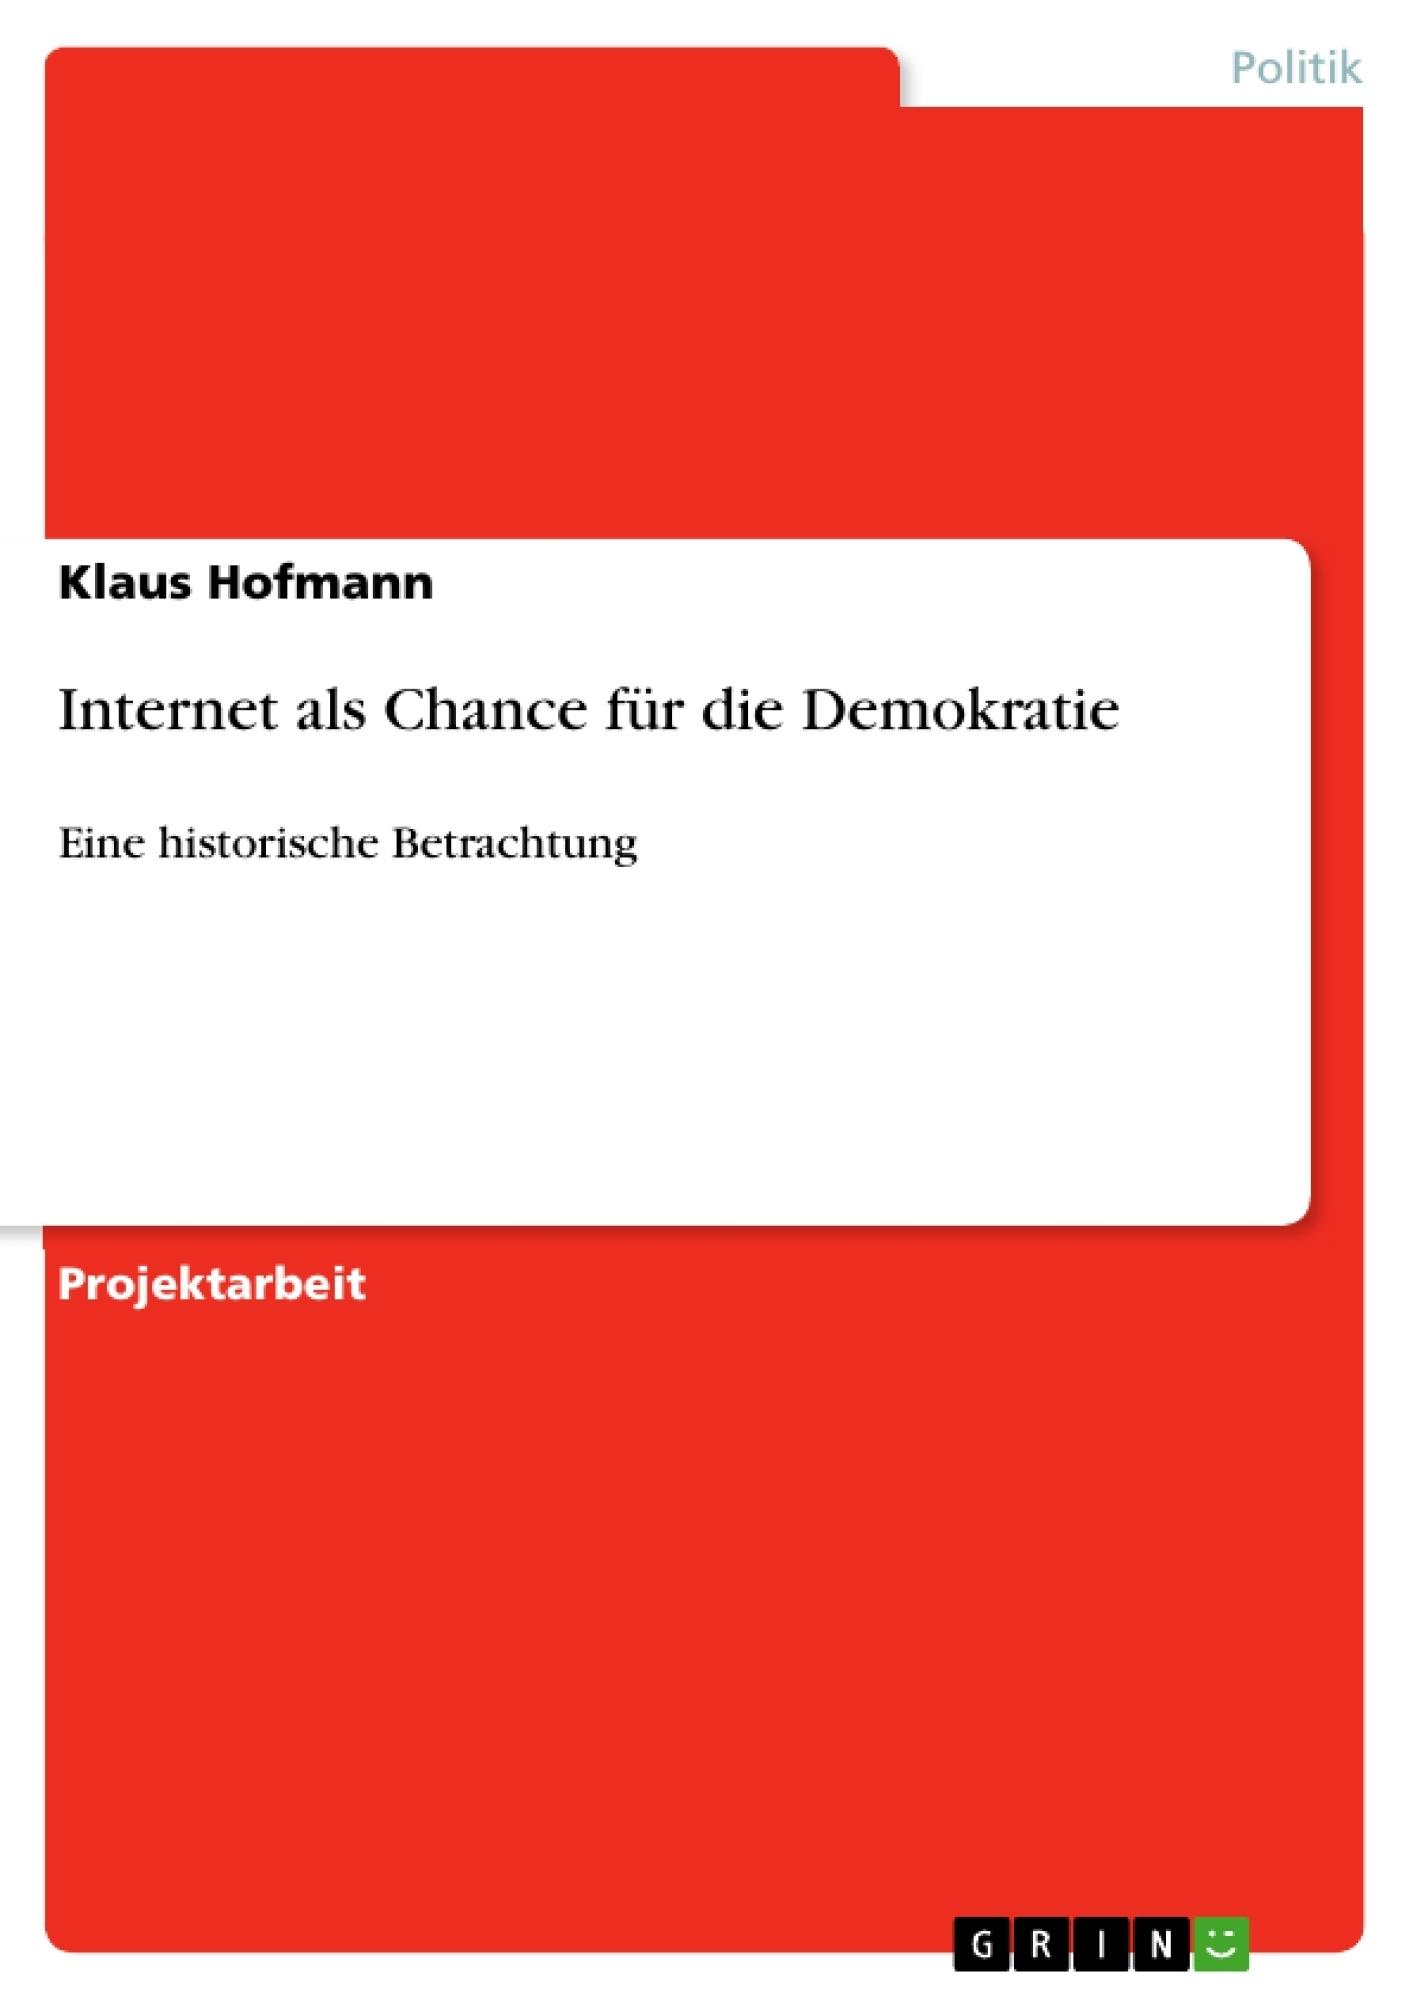 Titel: Internet als Chance für die Demokratie